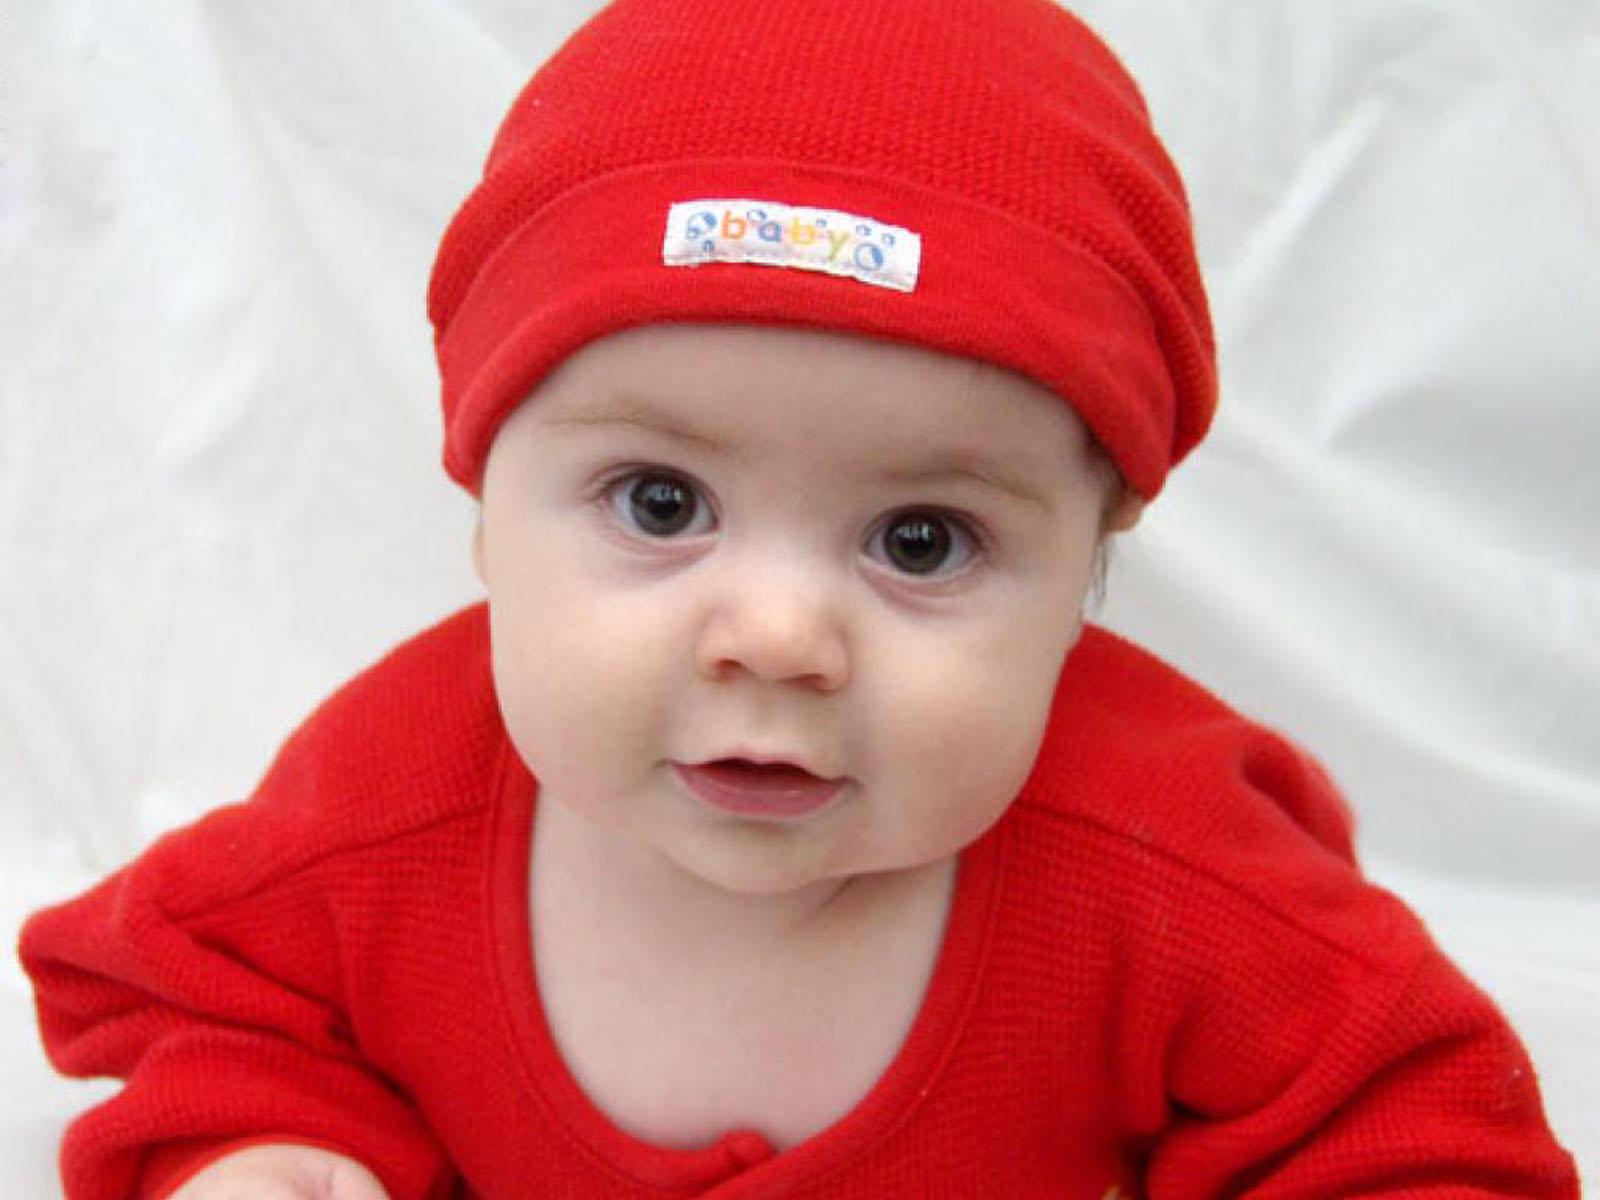 1600x1200px Cute Baby Wallpaper Wallpapersafari